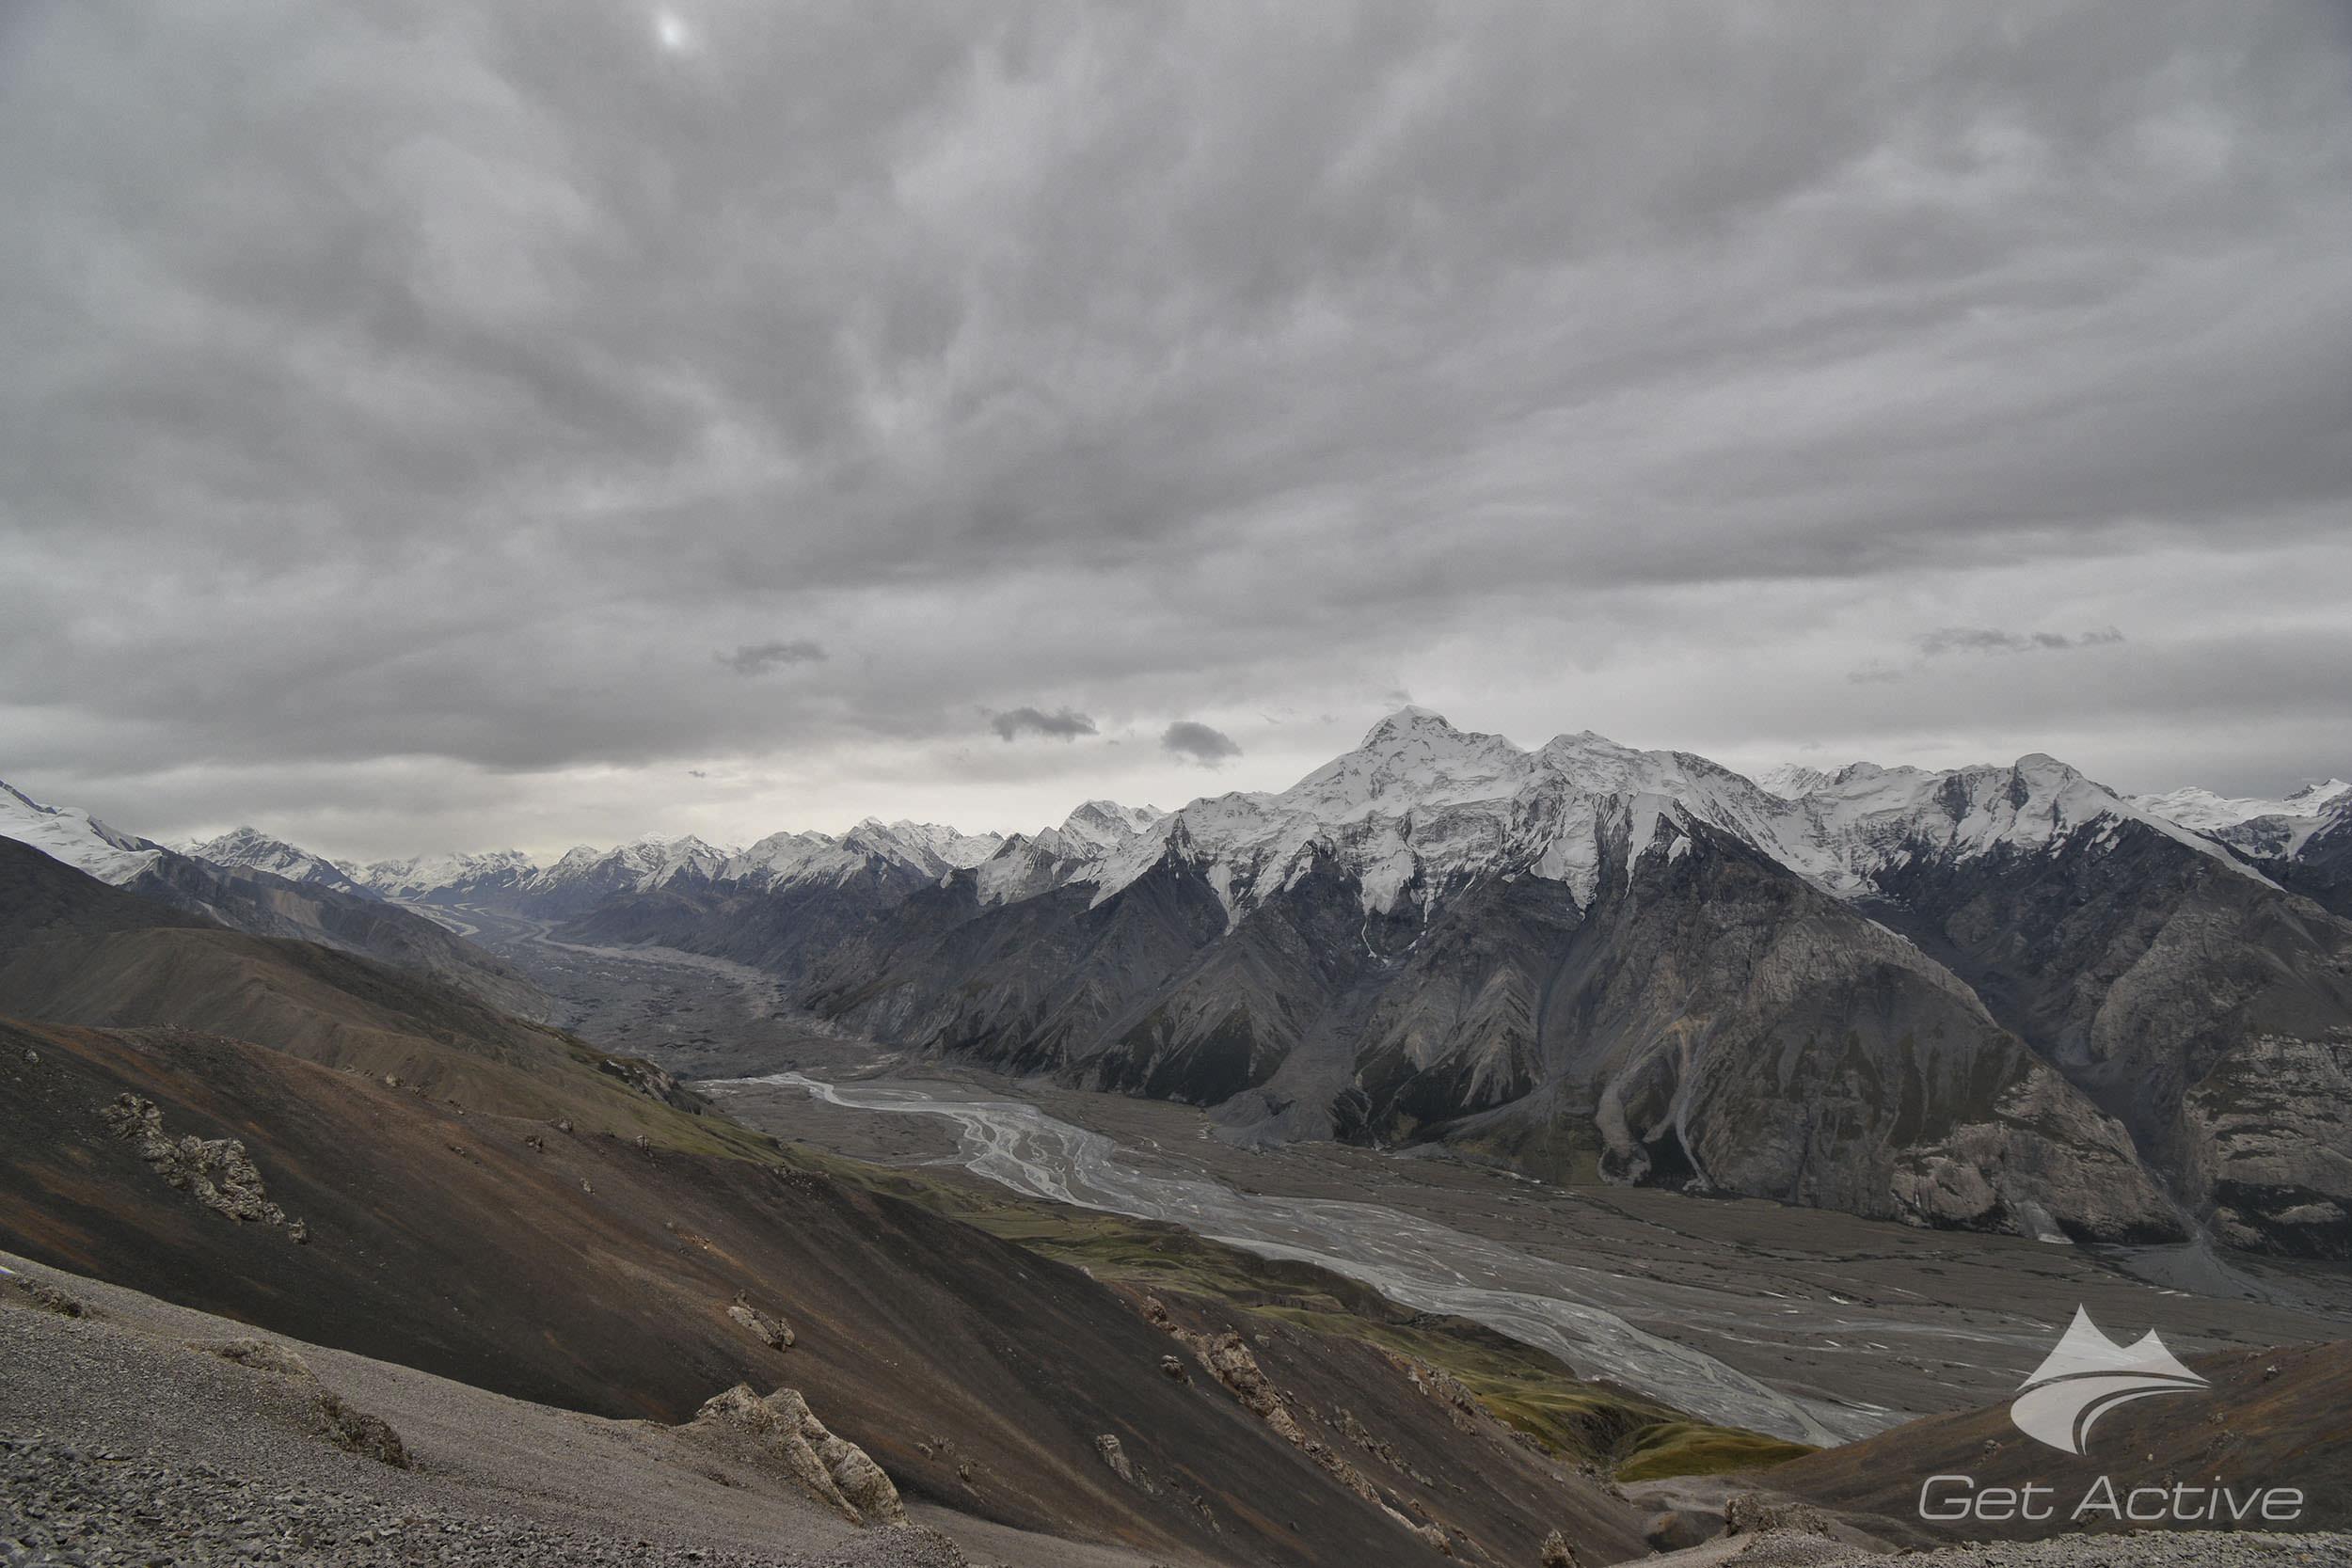 Ledovec a řeka Inylchek s majestátným vrcholem Pik Nansena 5697m nad nimi